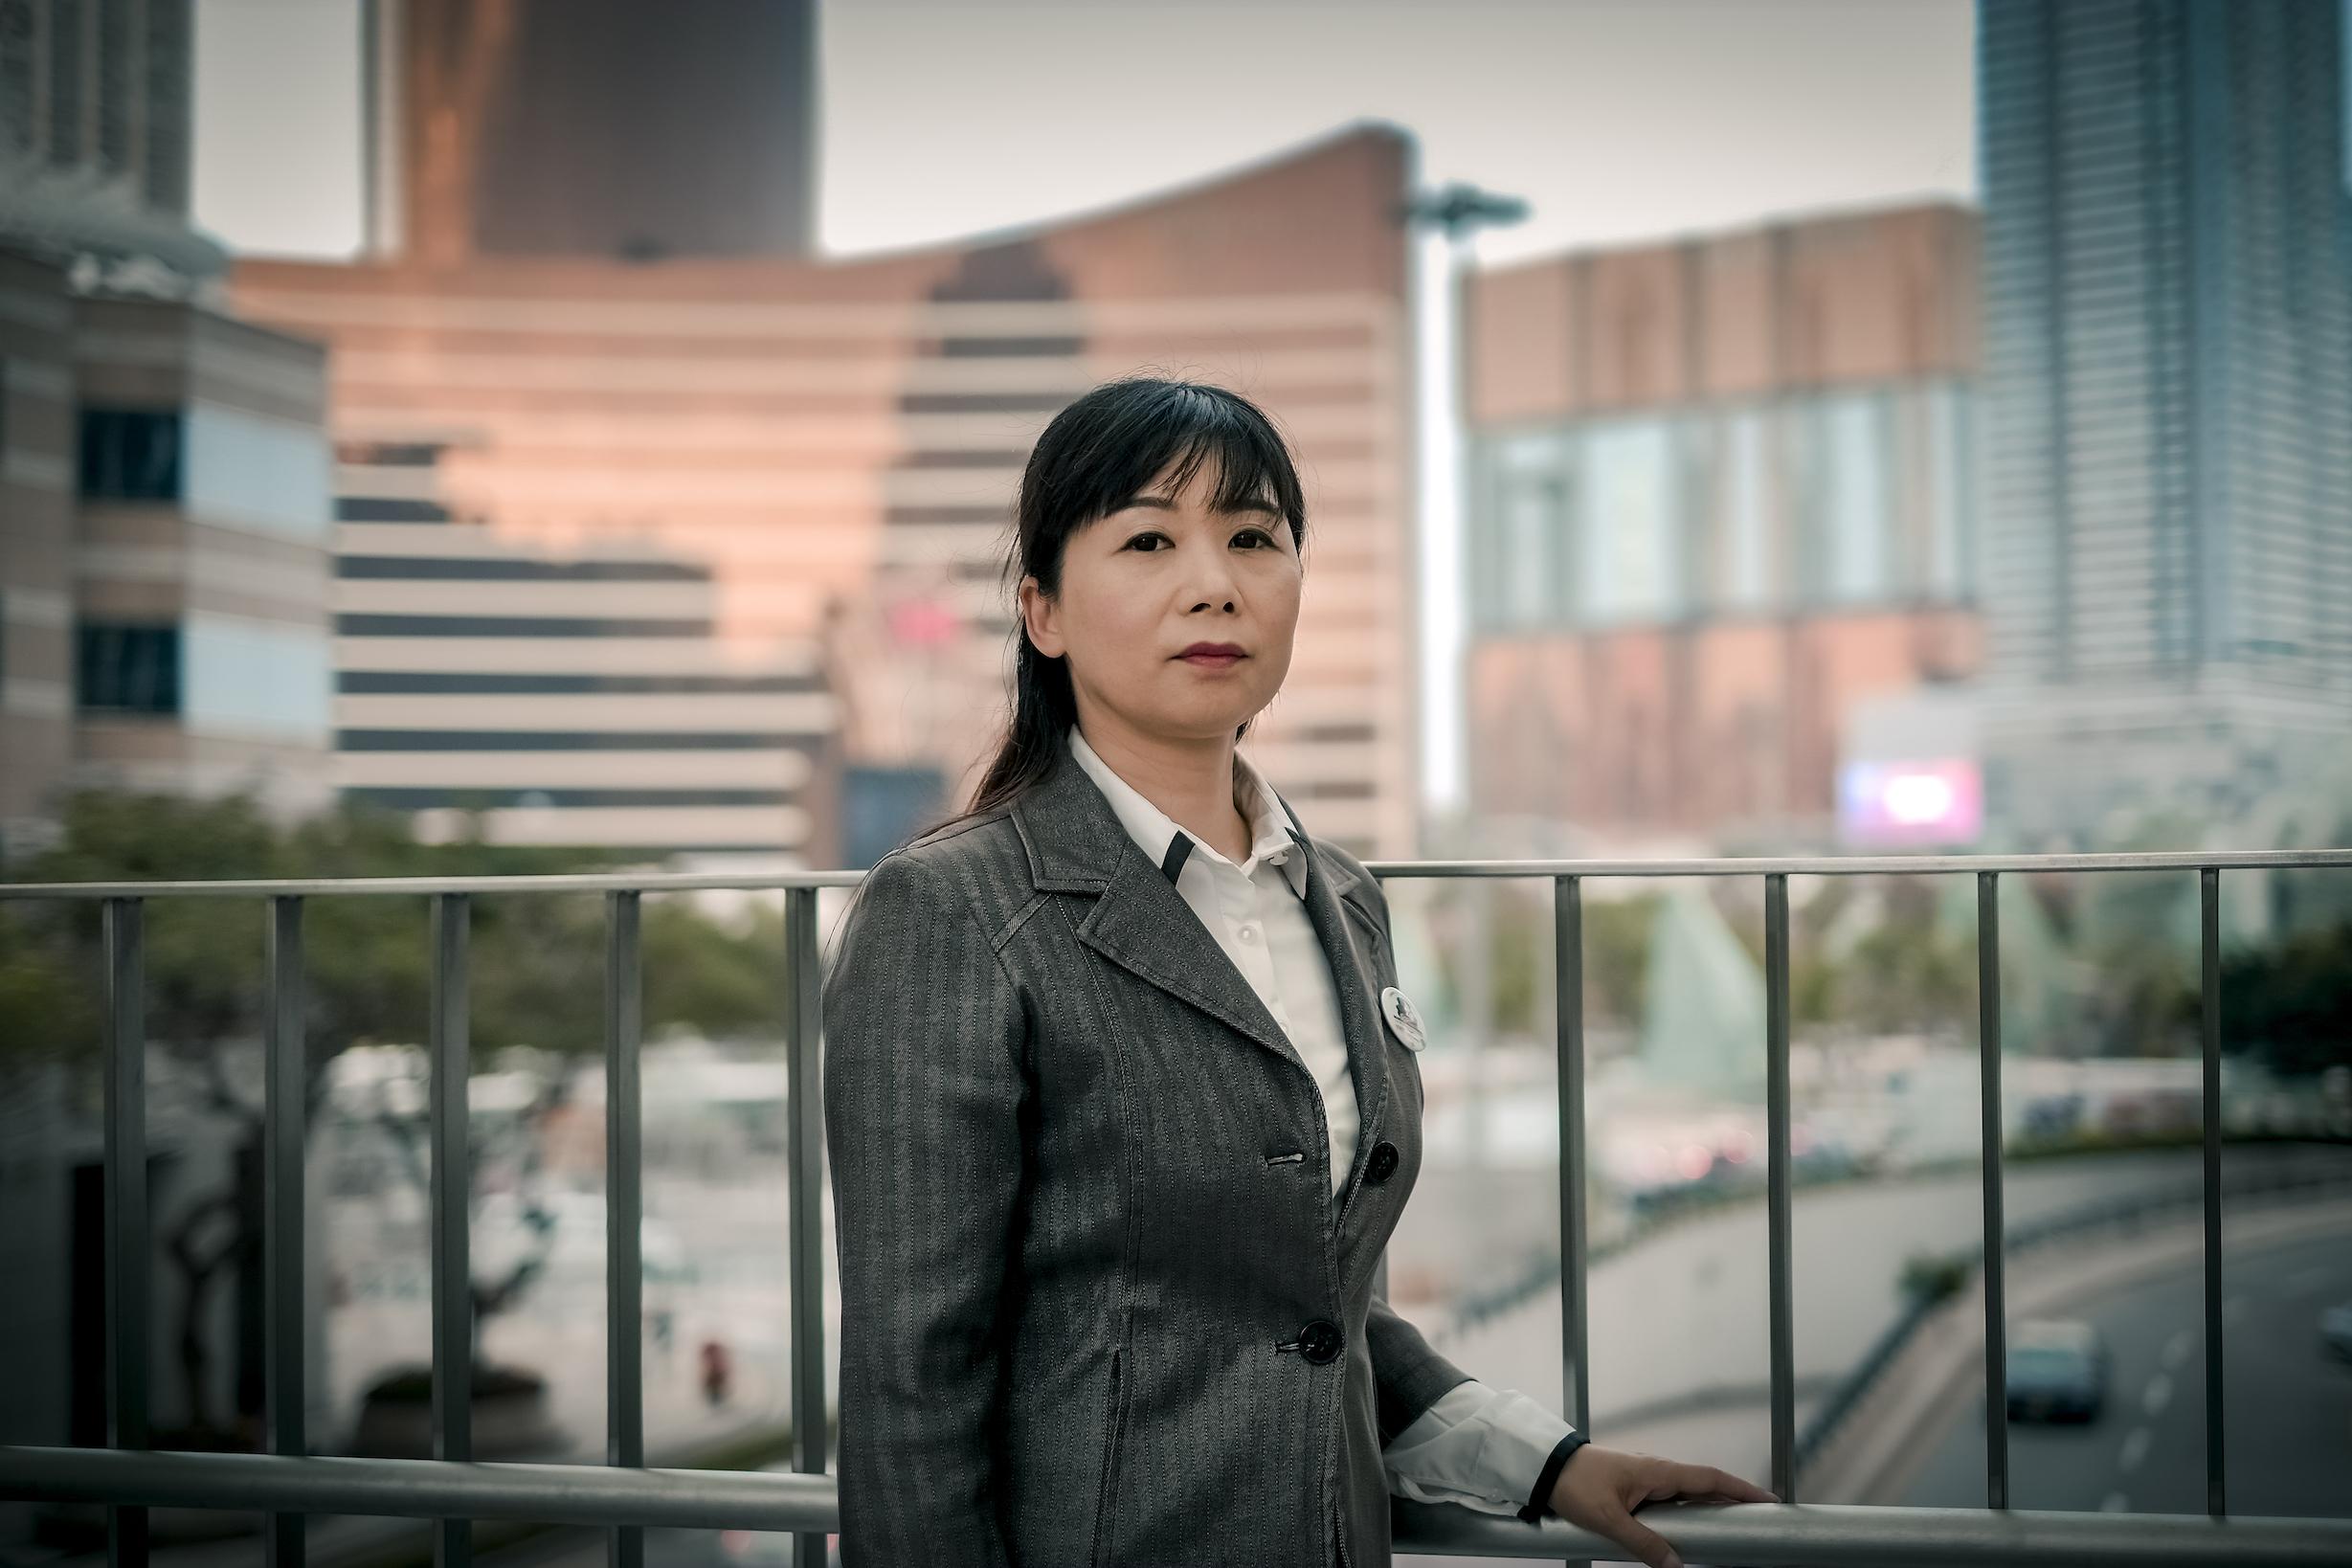 Galaxy | Cloee Chao acompanha queixas de despedimentos sem justa causa